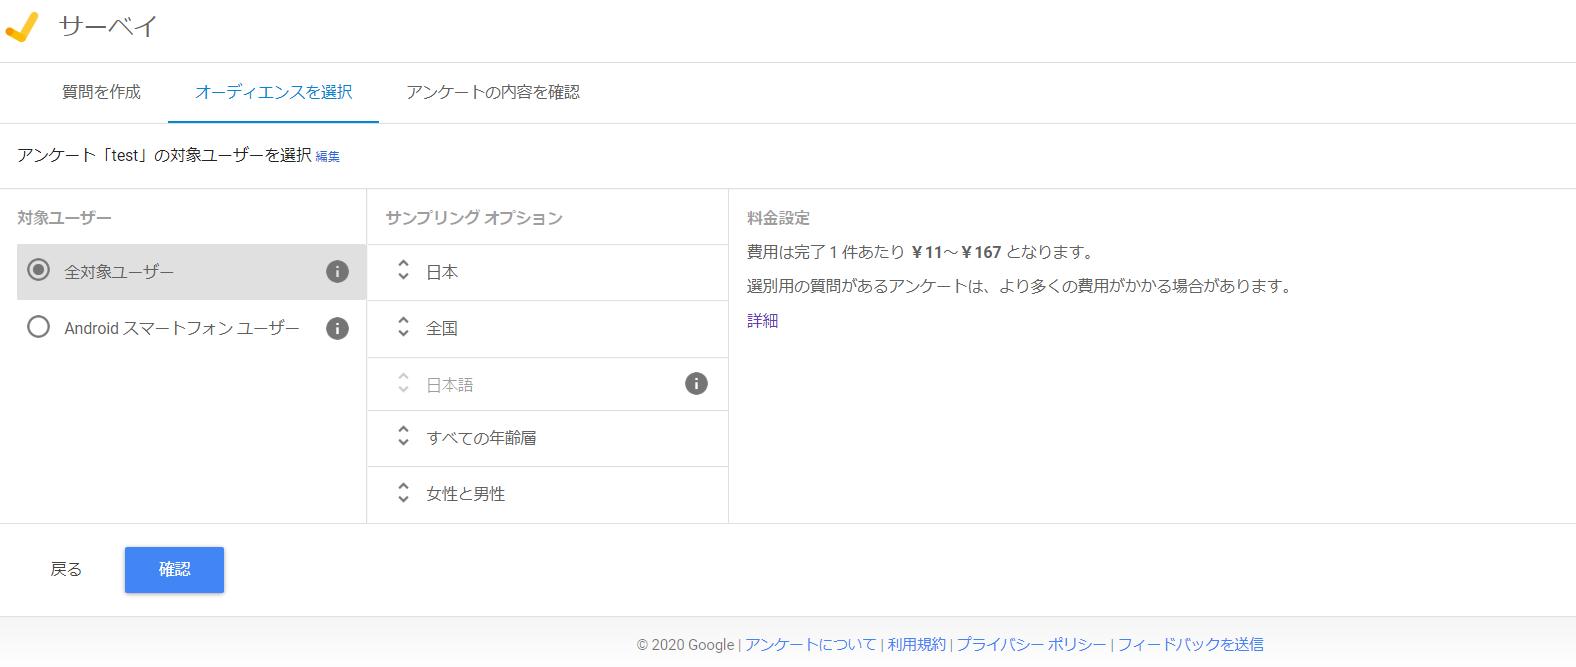 Googleサーベイオーディエンス設定